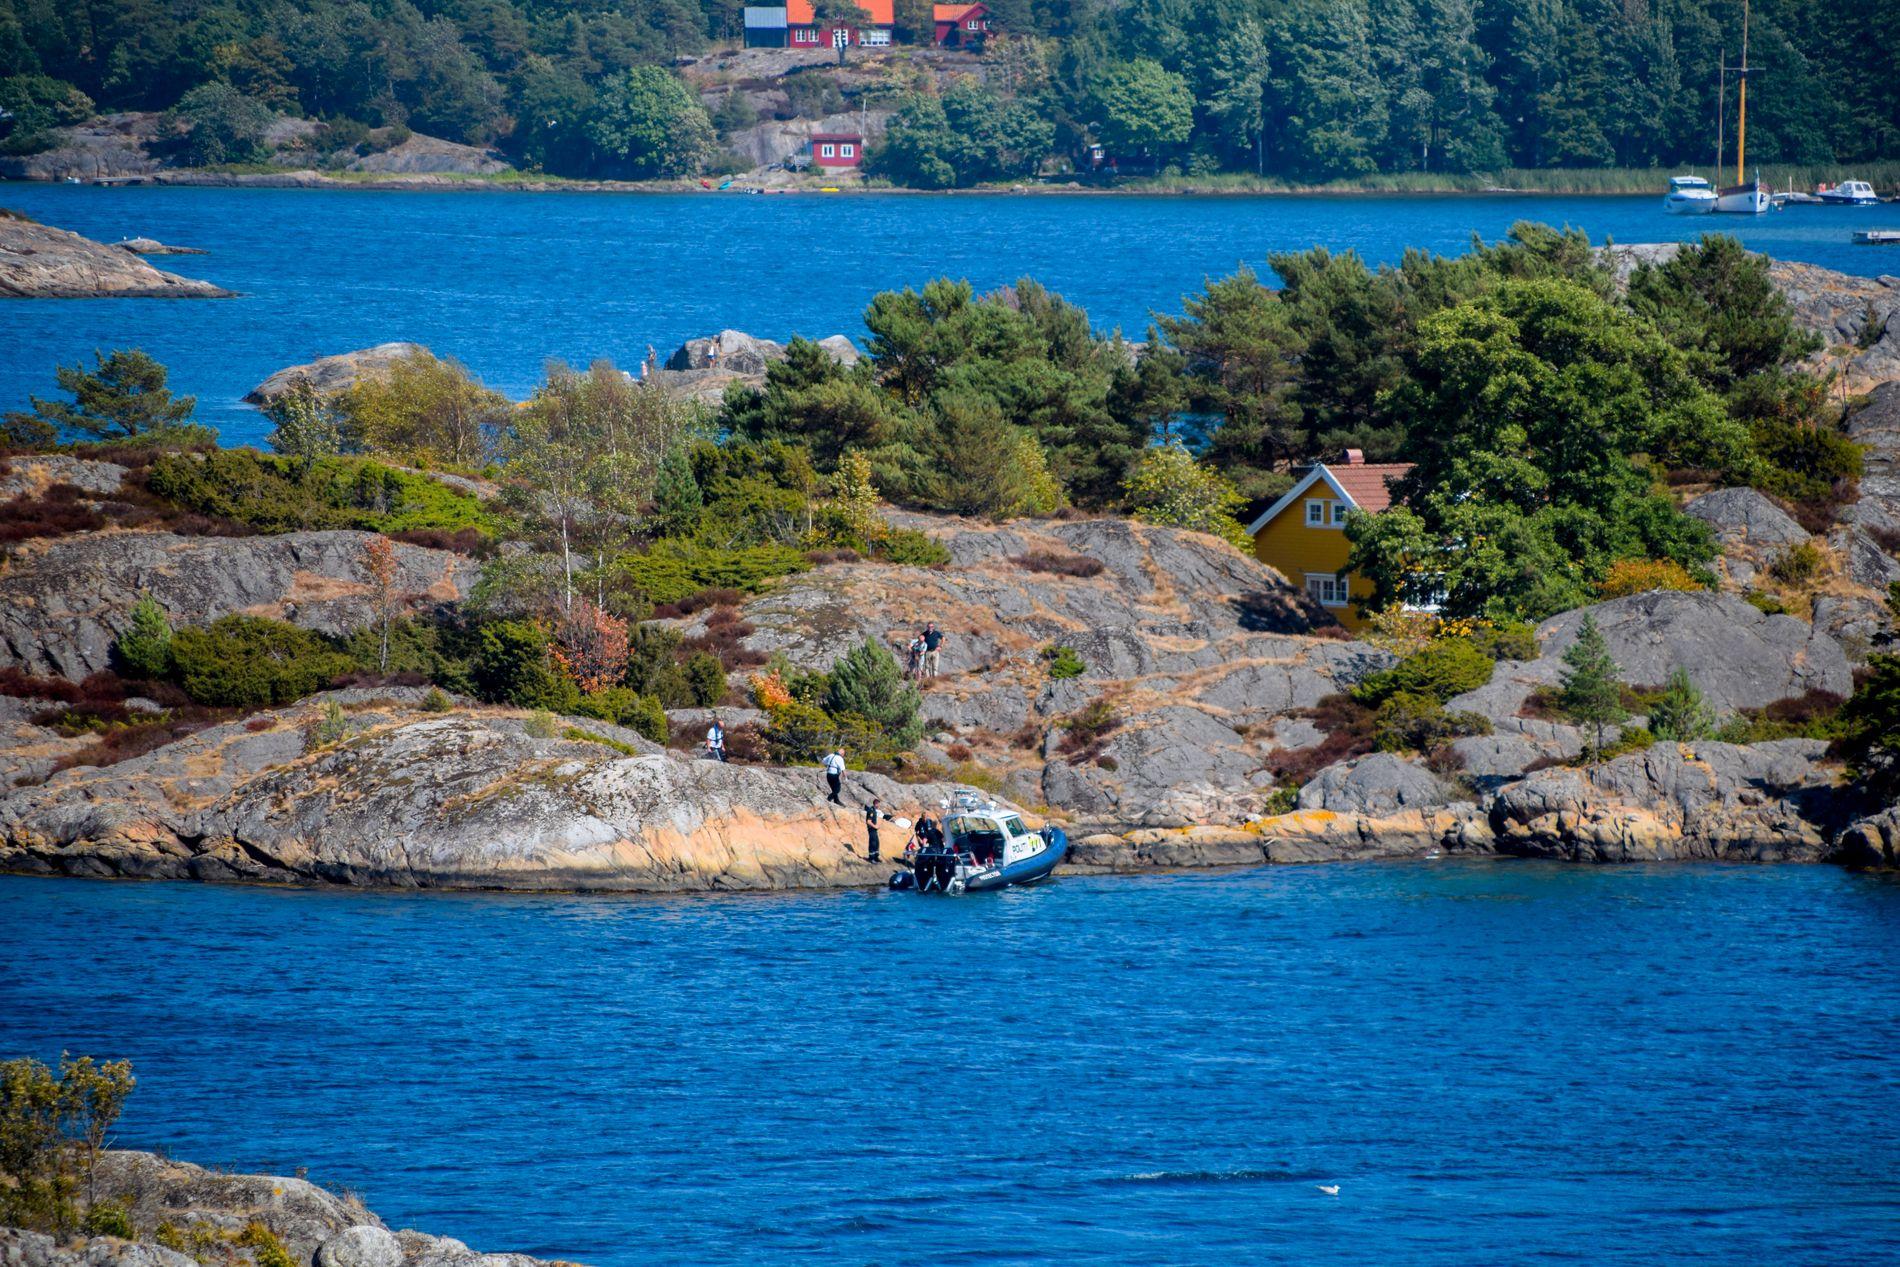 ULYKKESSTEDET: Her på øya St. Helena i Hovekilen ved Arendal ble Vibeke Skofterud funnet.